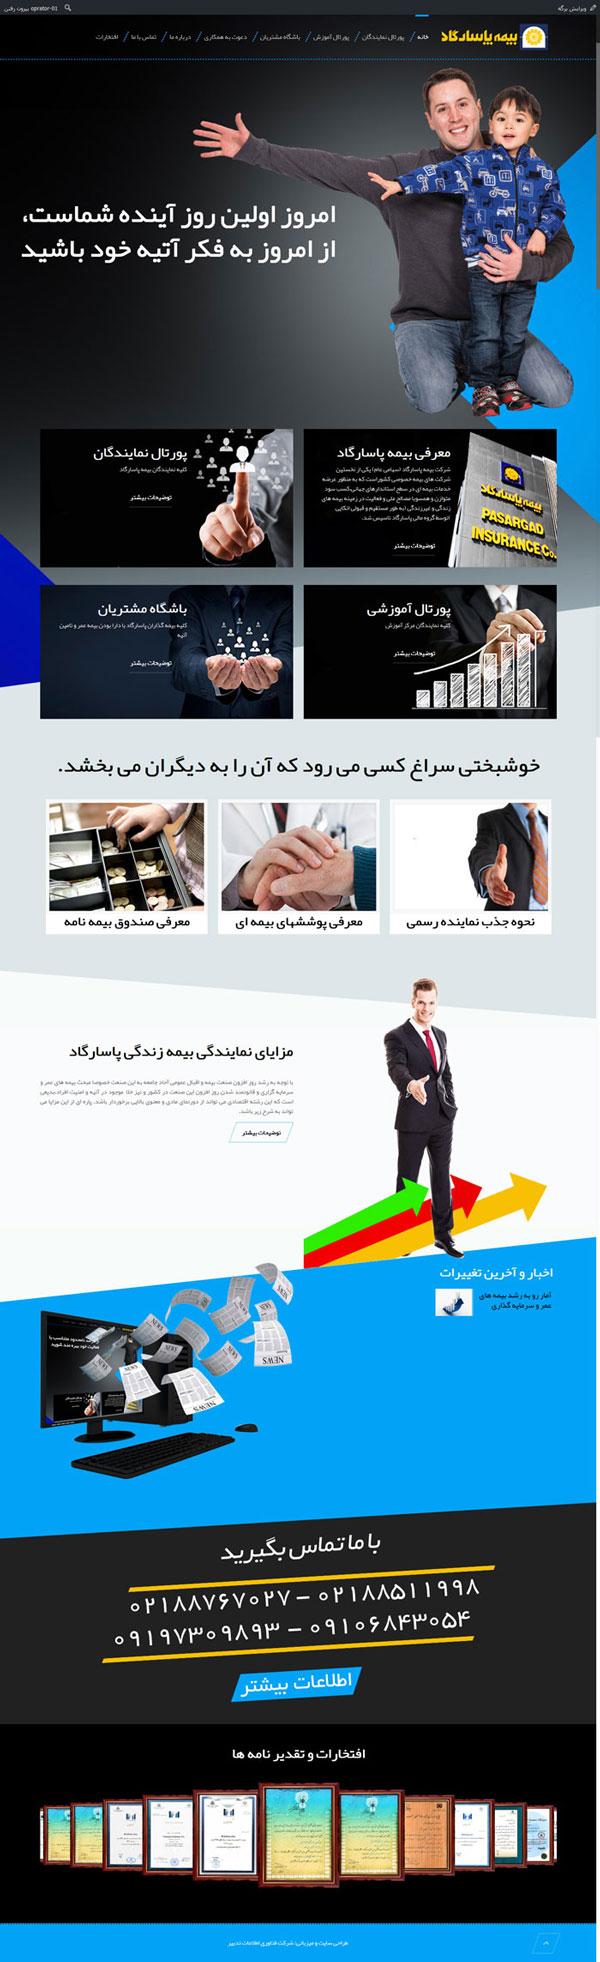 طراحی سایت بیمه ی بیمه عمر پاسارگارد